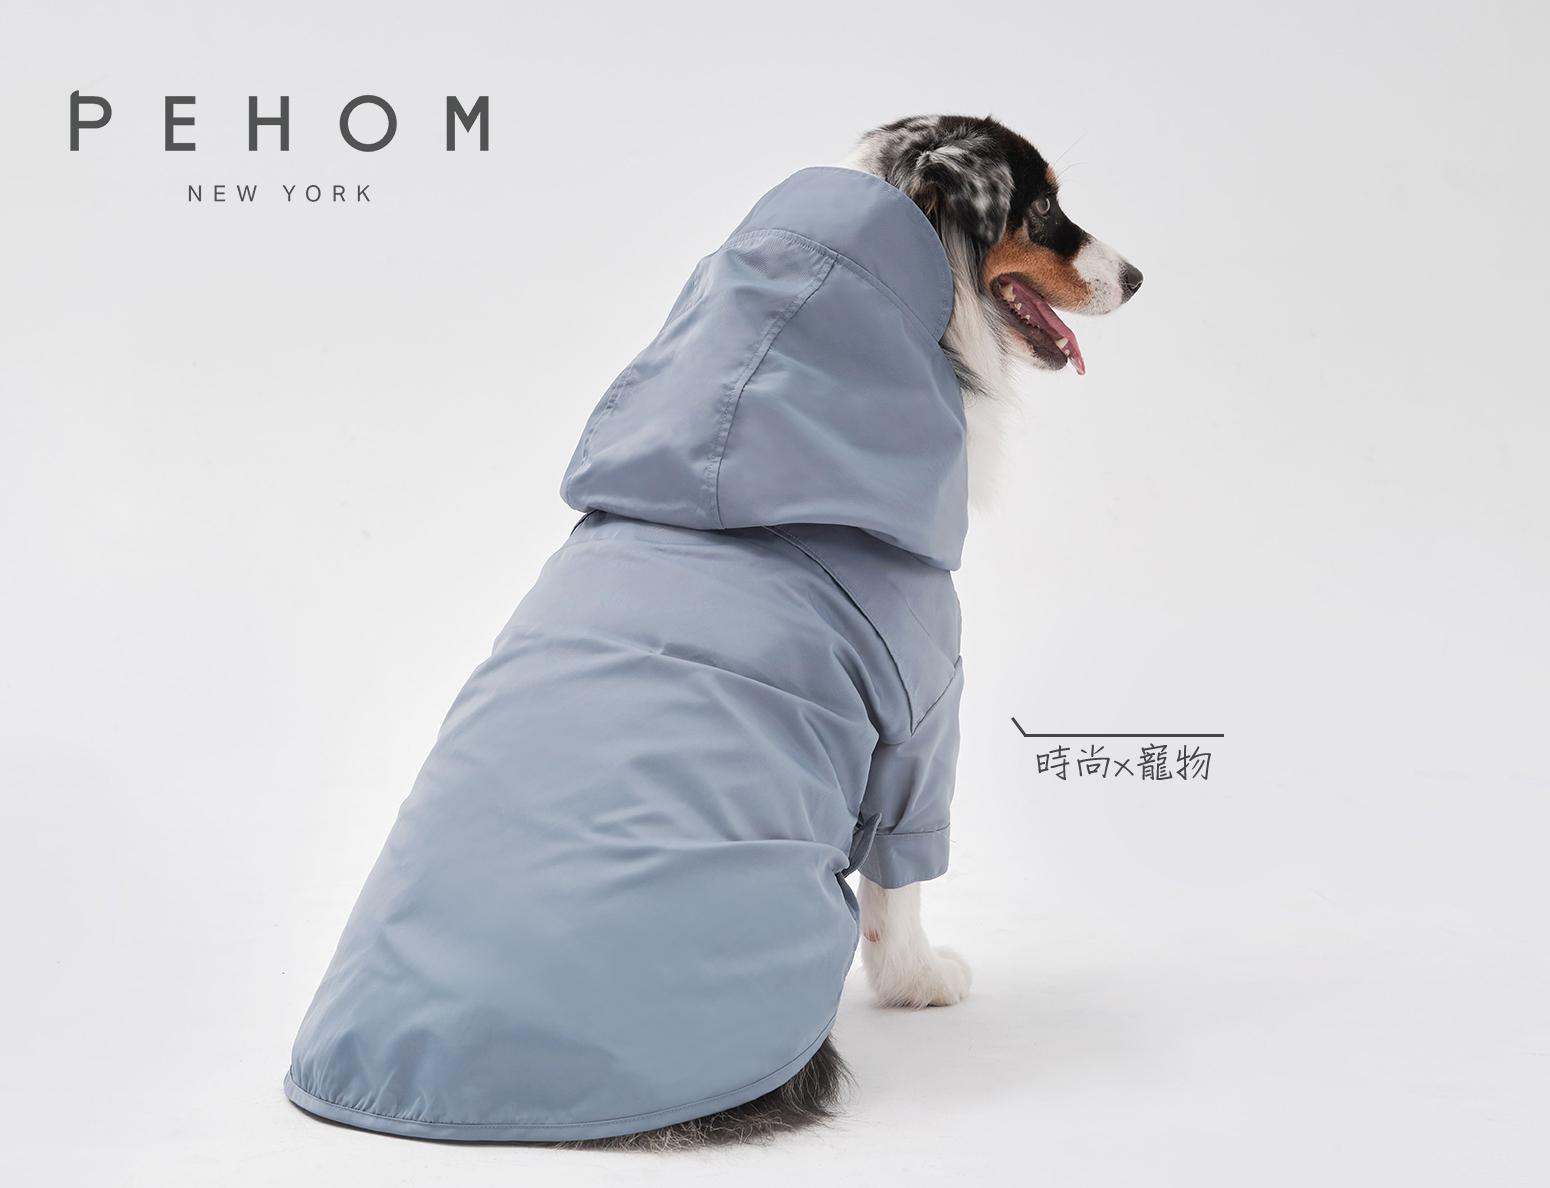 經典時尚 PEHOM 可調節式雨衣 防潑水雨衣 寵物衣服 狗狗衣服 寵物外出服 外出衣 寵物雨衣 美國品牌